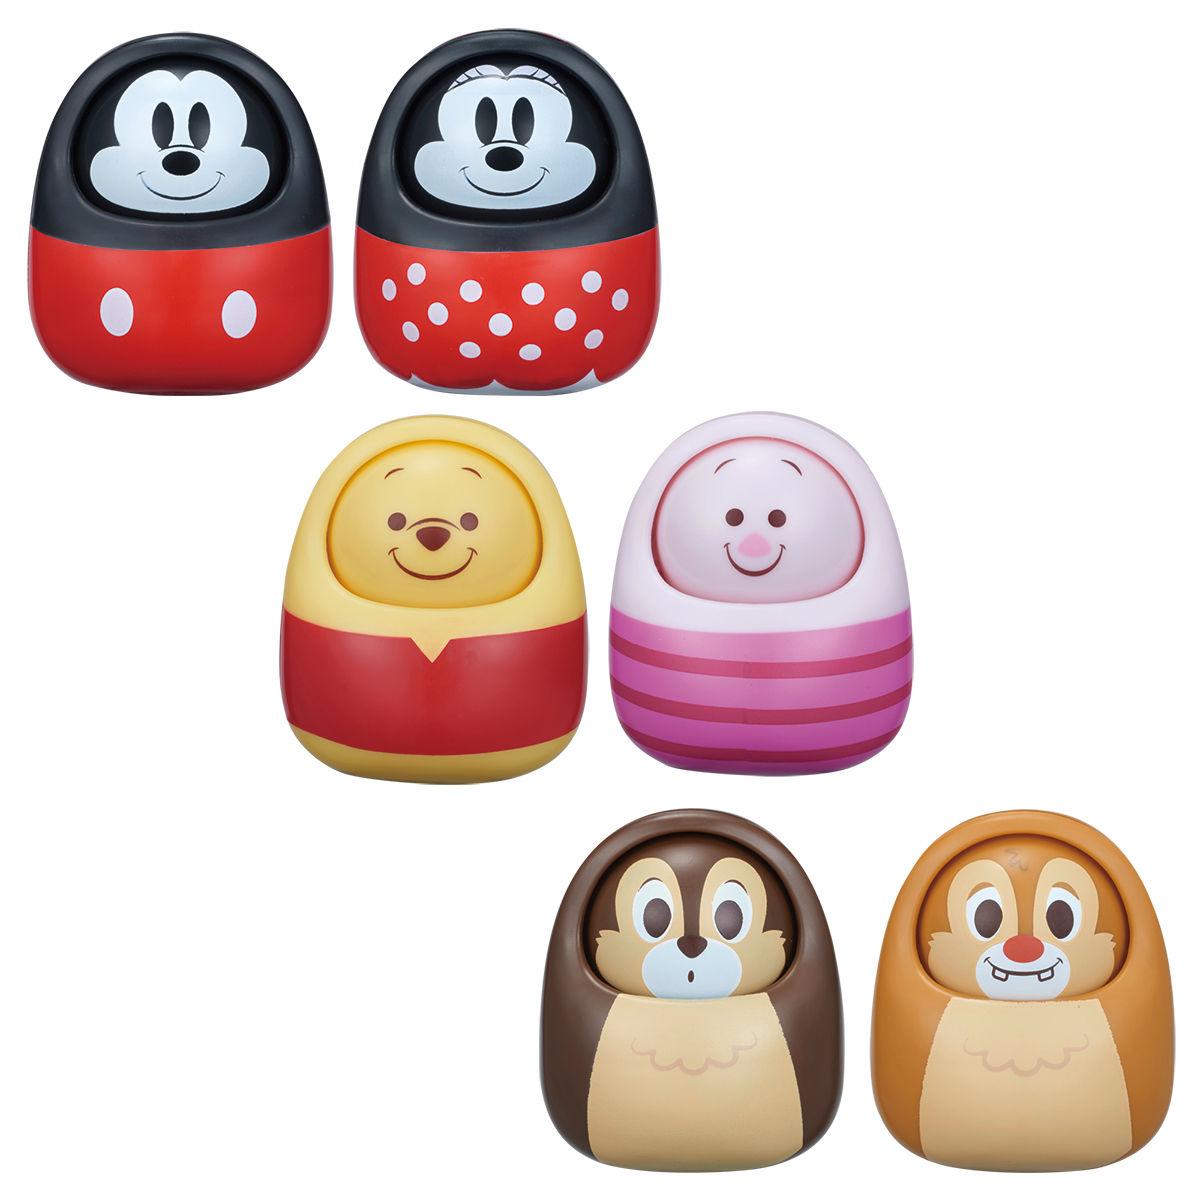 うなずきん disney characters chip | ディズニーキャラクター おもちゃ